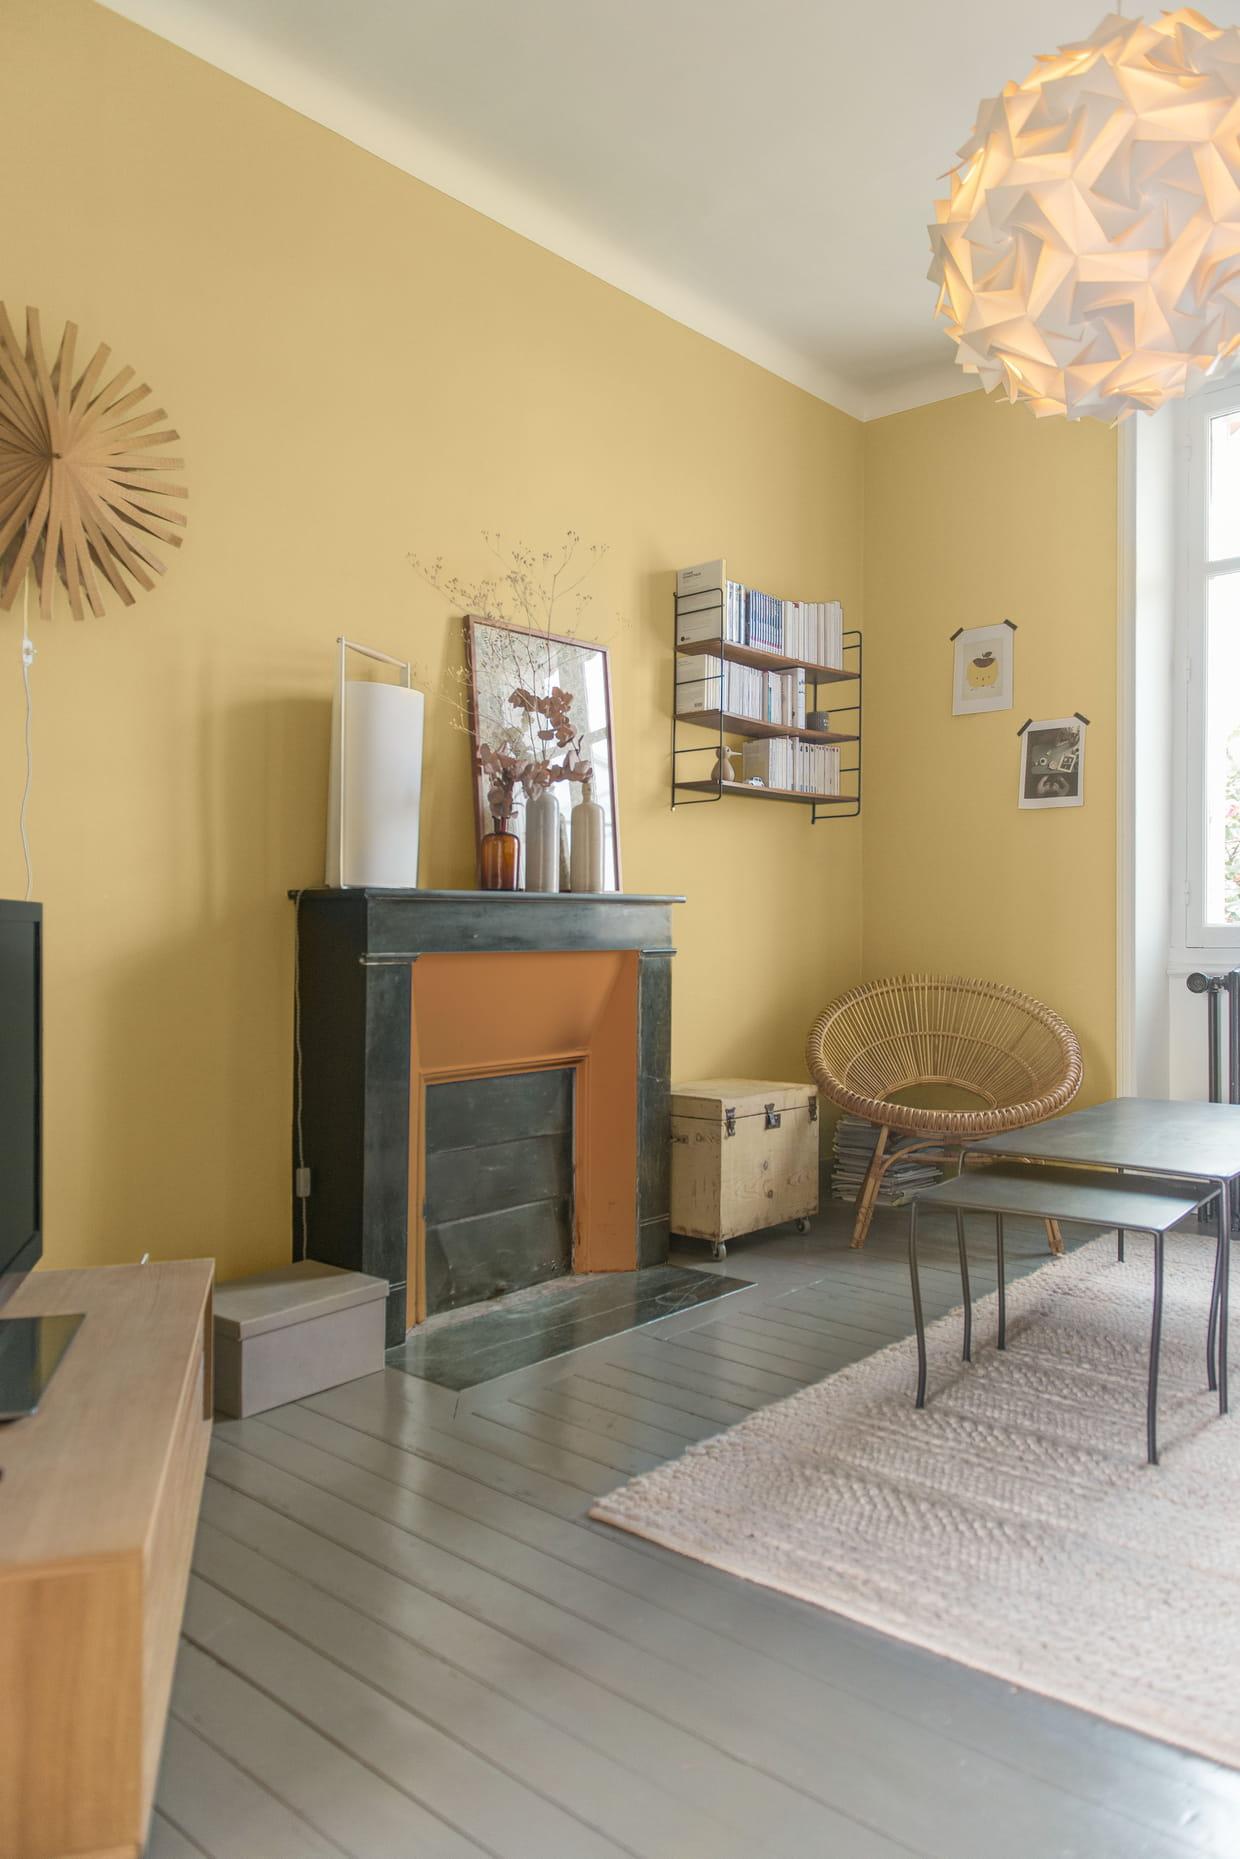 Peinture ondi pur velours miel de zolpan for Peinture murs salon